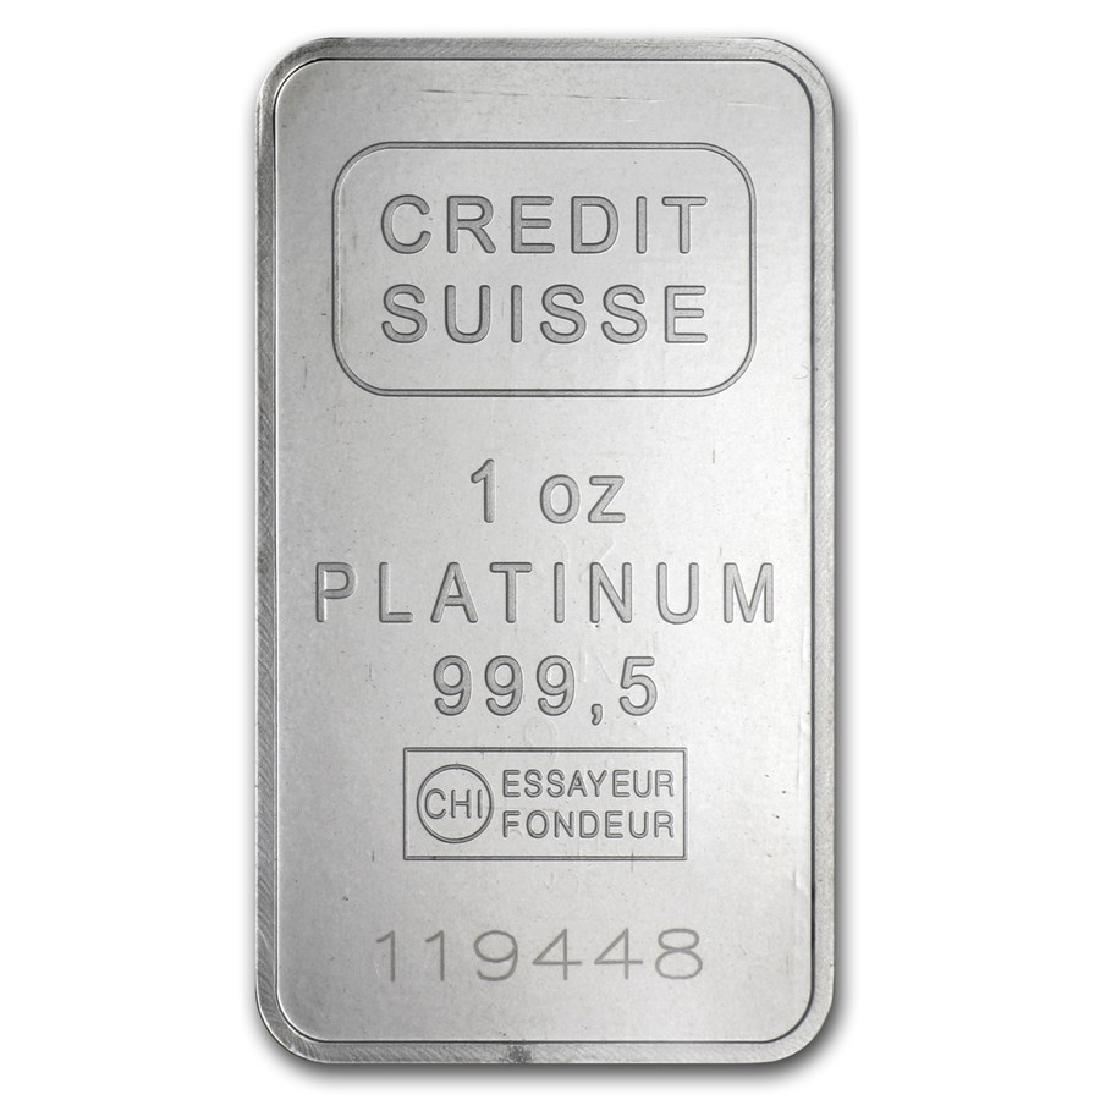 Genuine 1 oz 0.9999 Fine Platinum Bar - Credit Suisse